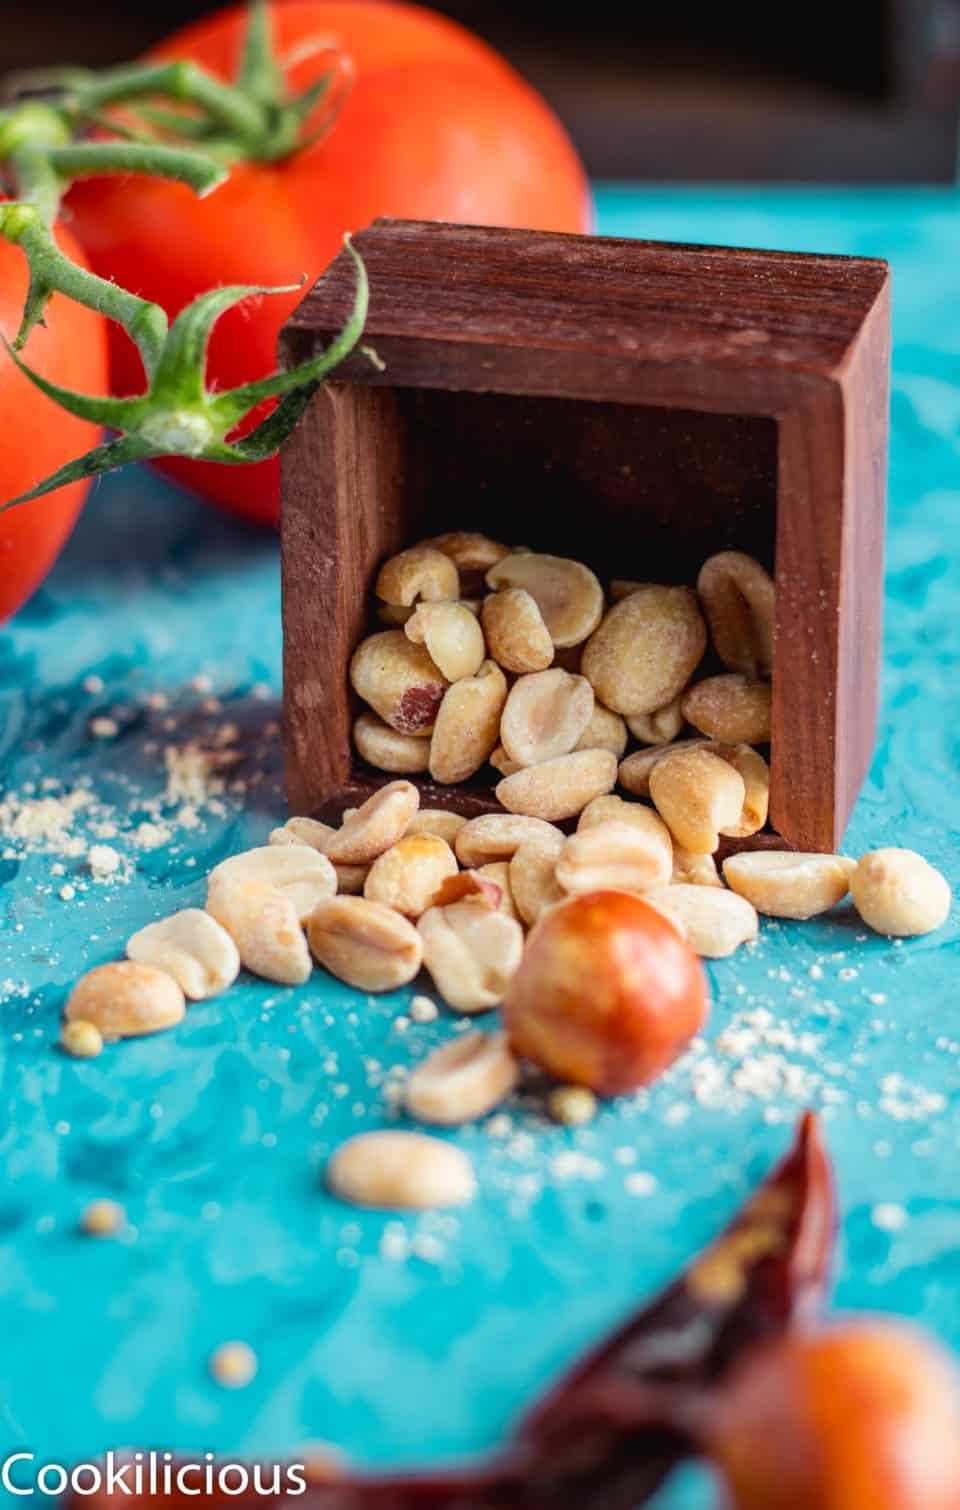 peanuts in a box